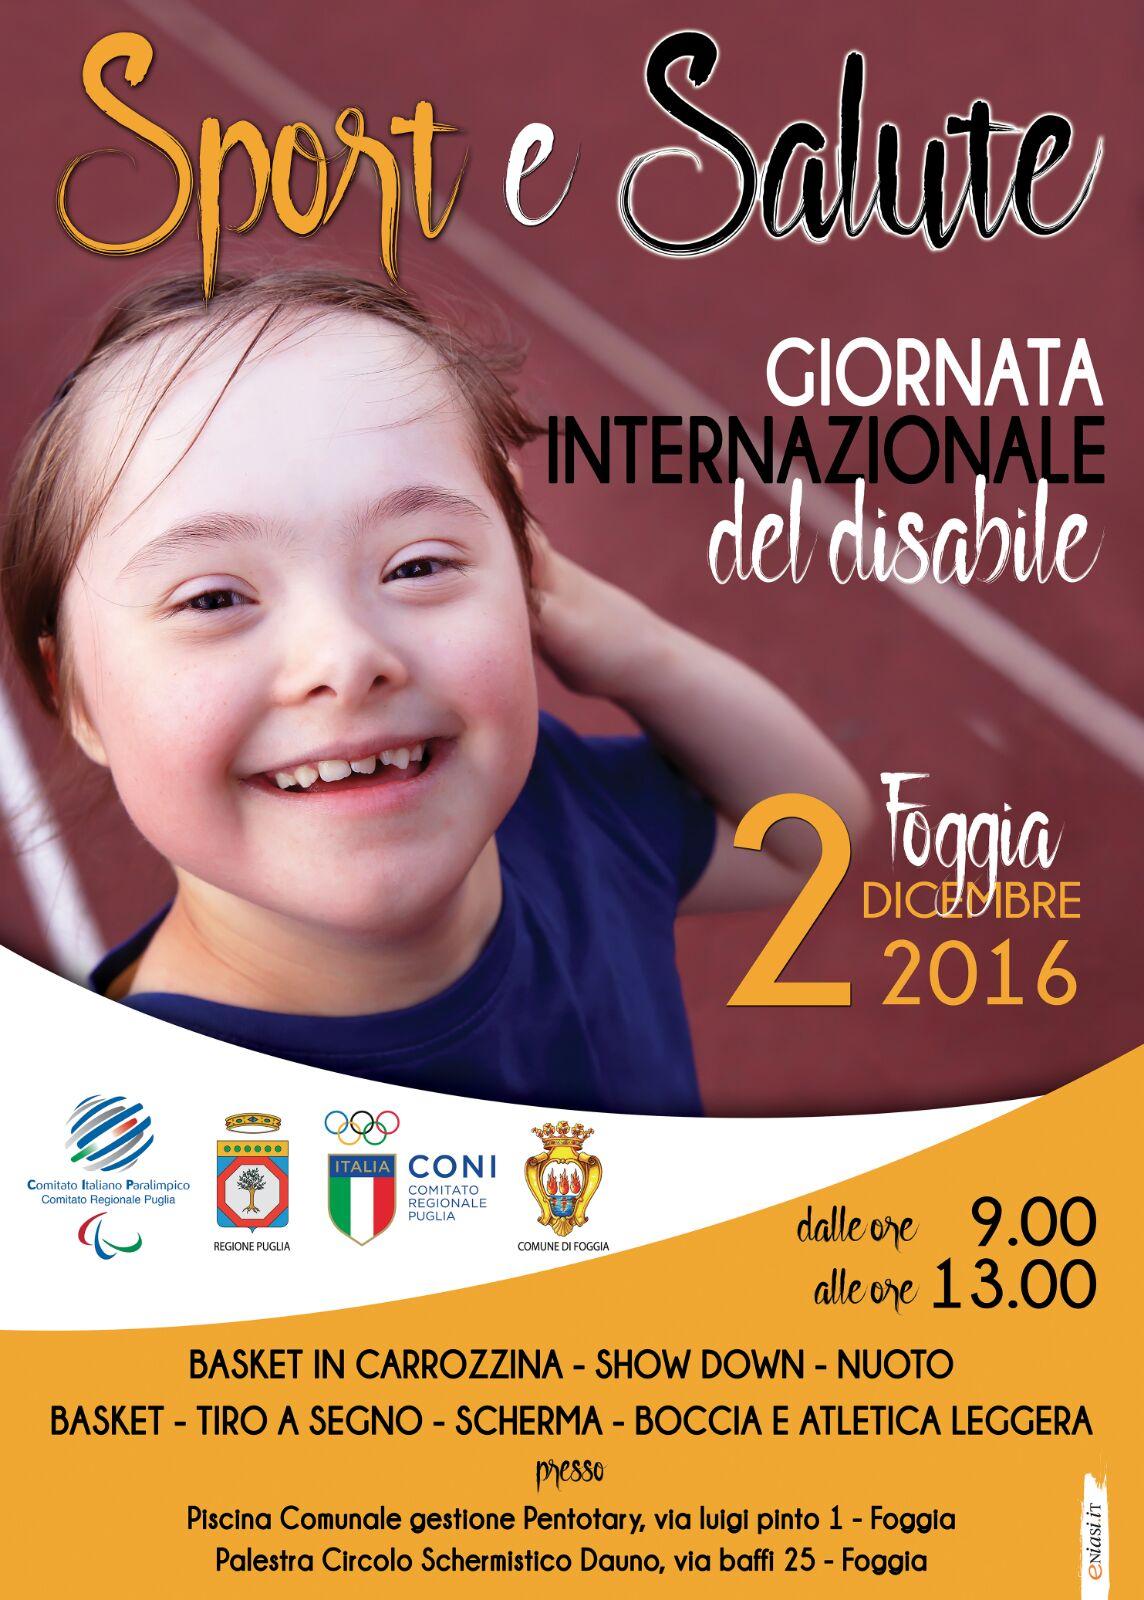 Foggia Tante Attivita In Programma Per La Giornata Internazionale Del Disabile La Gazzetta Di San Severo News Di Capitanata